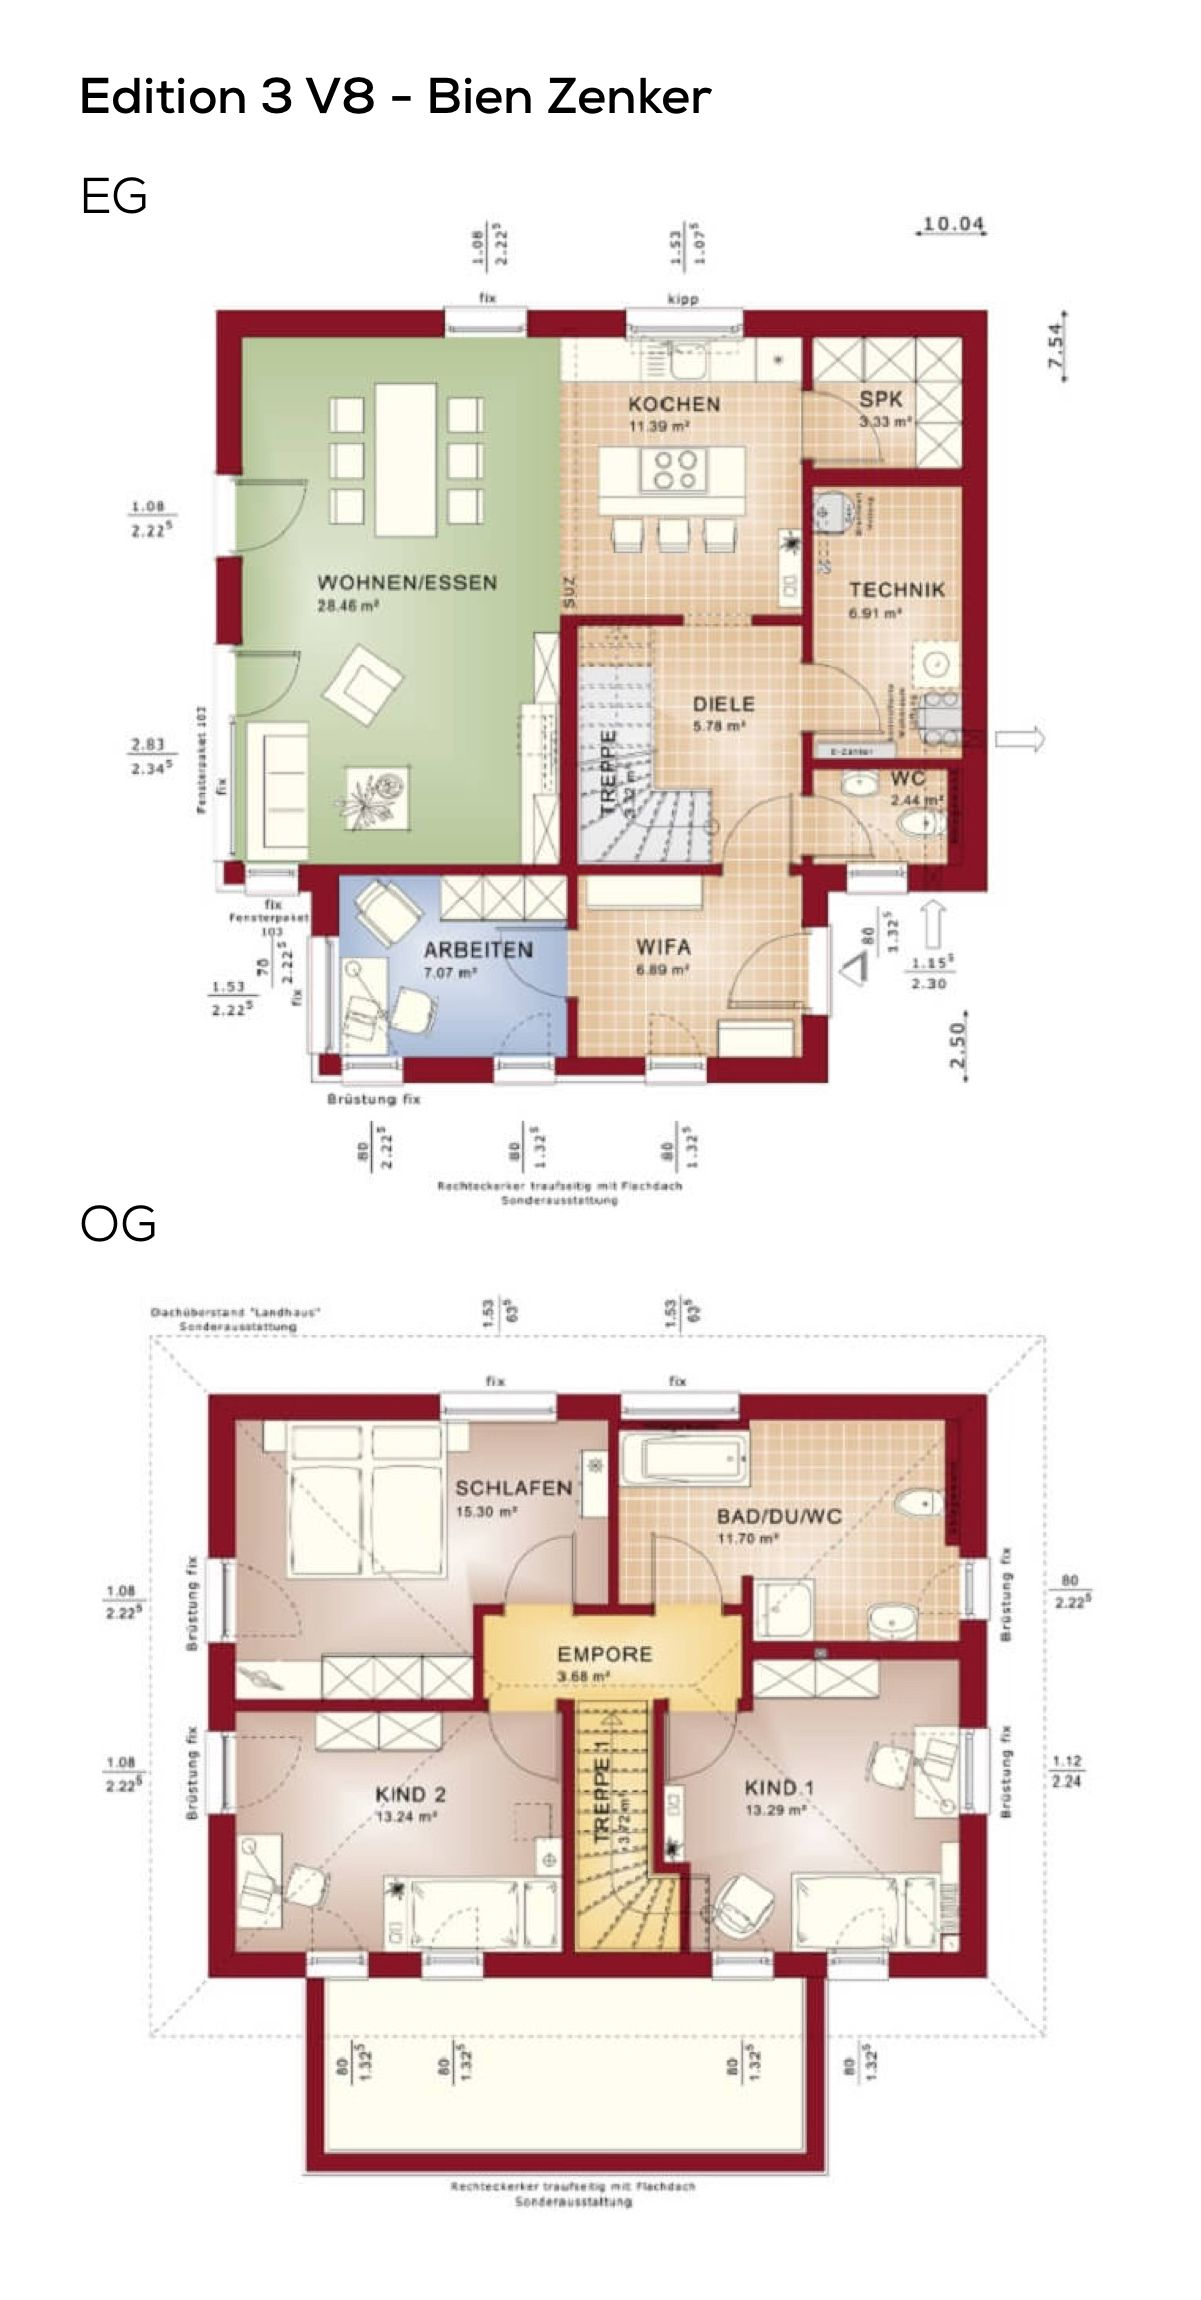 Grundriss Stadtvilla Quadratisch Mit Walmdach Architektur Erker